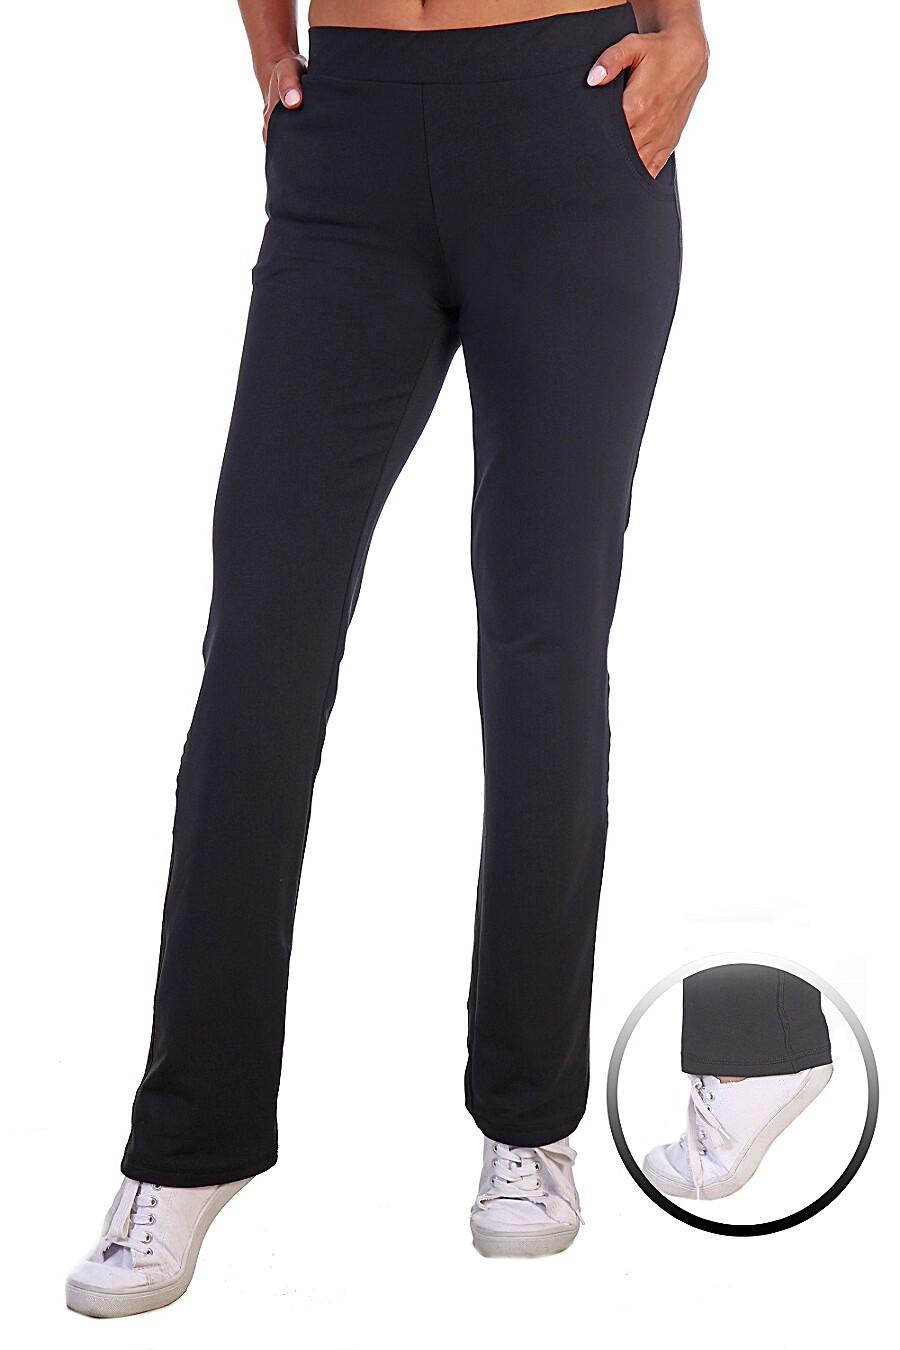 Брюки Битресс для женщин НАТАЛИ 321691 купить оптом от производителя. Совместная покупка женской одежды в OptMoyo